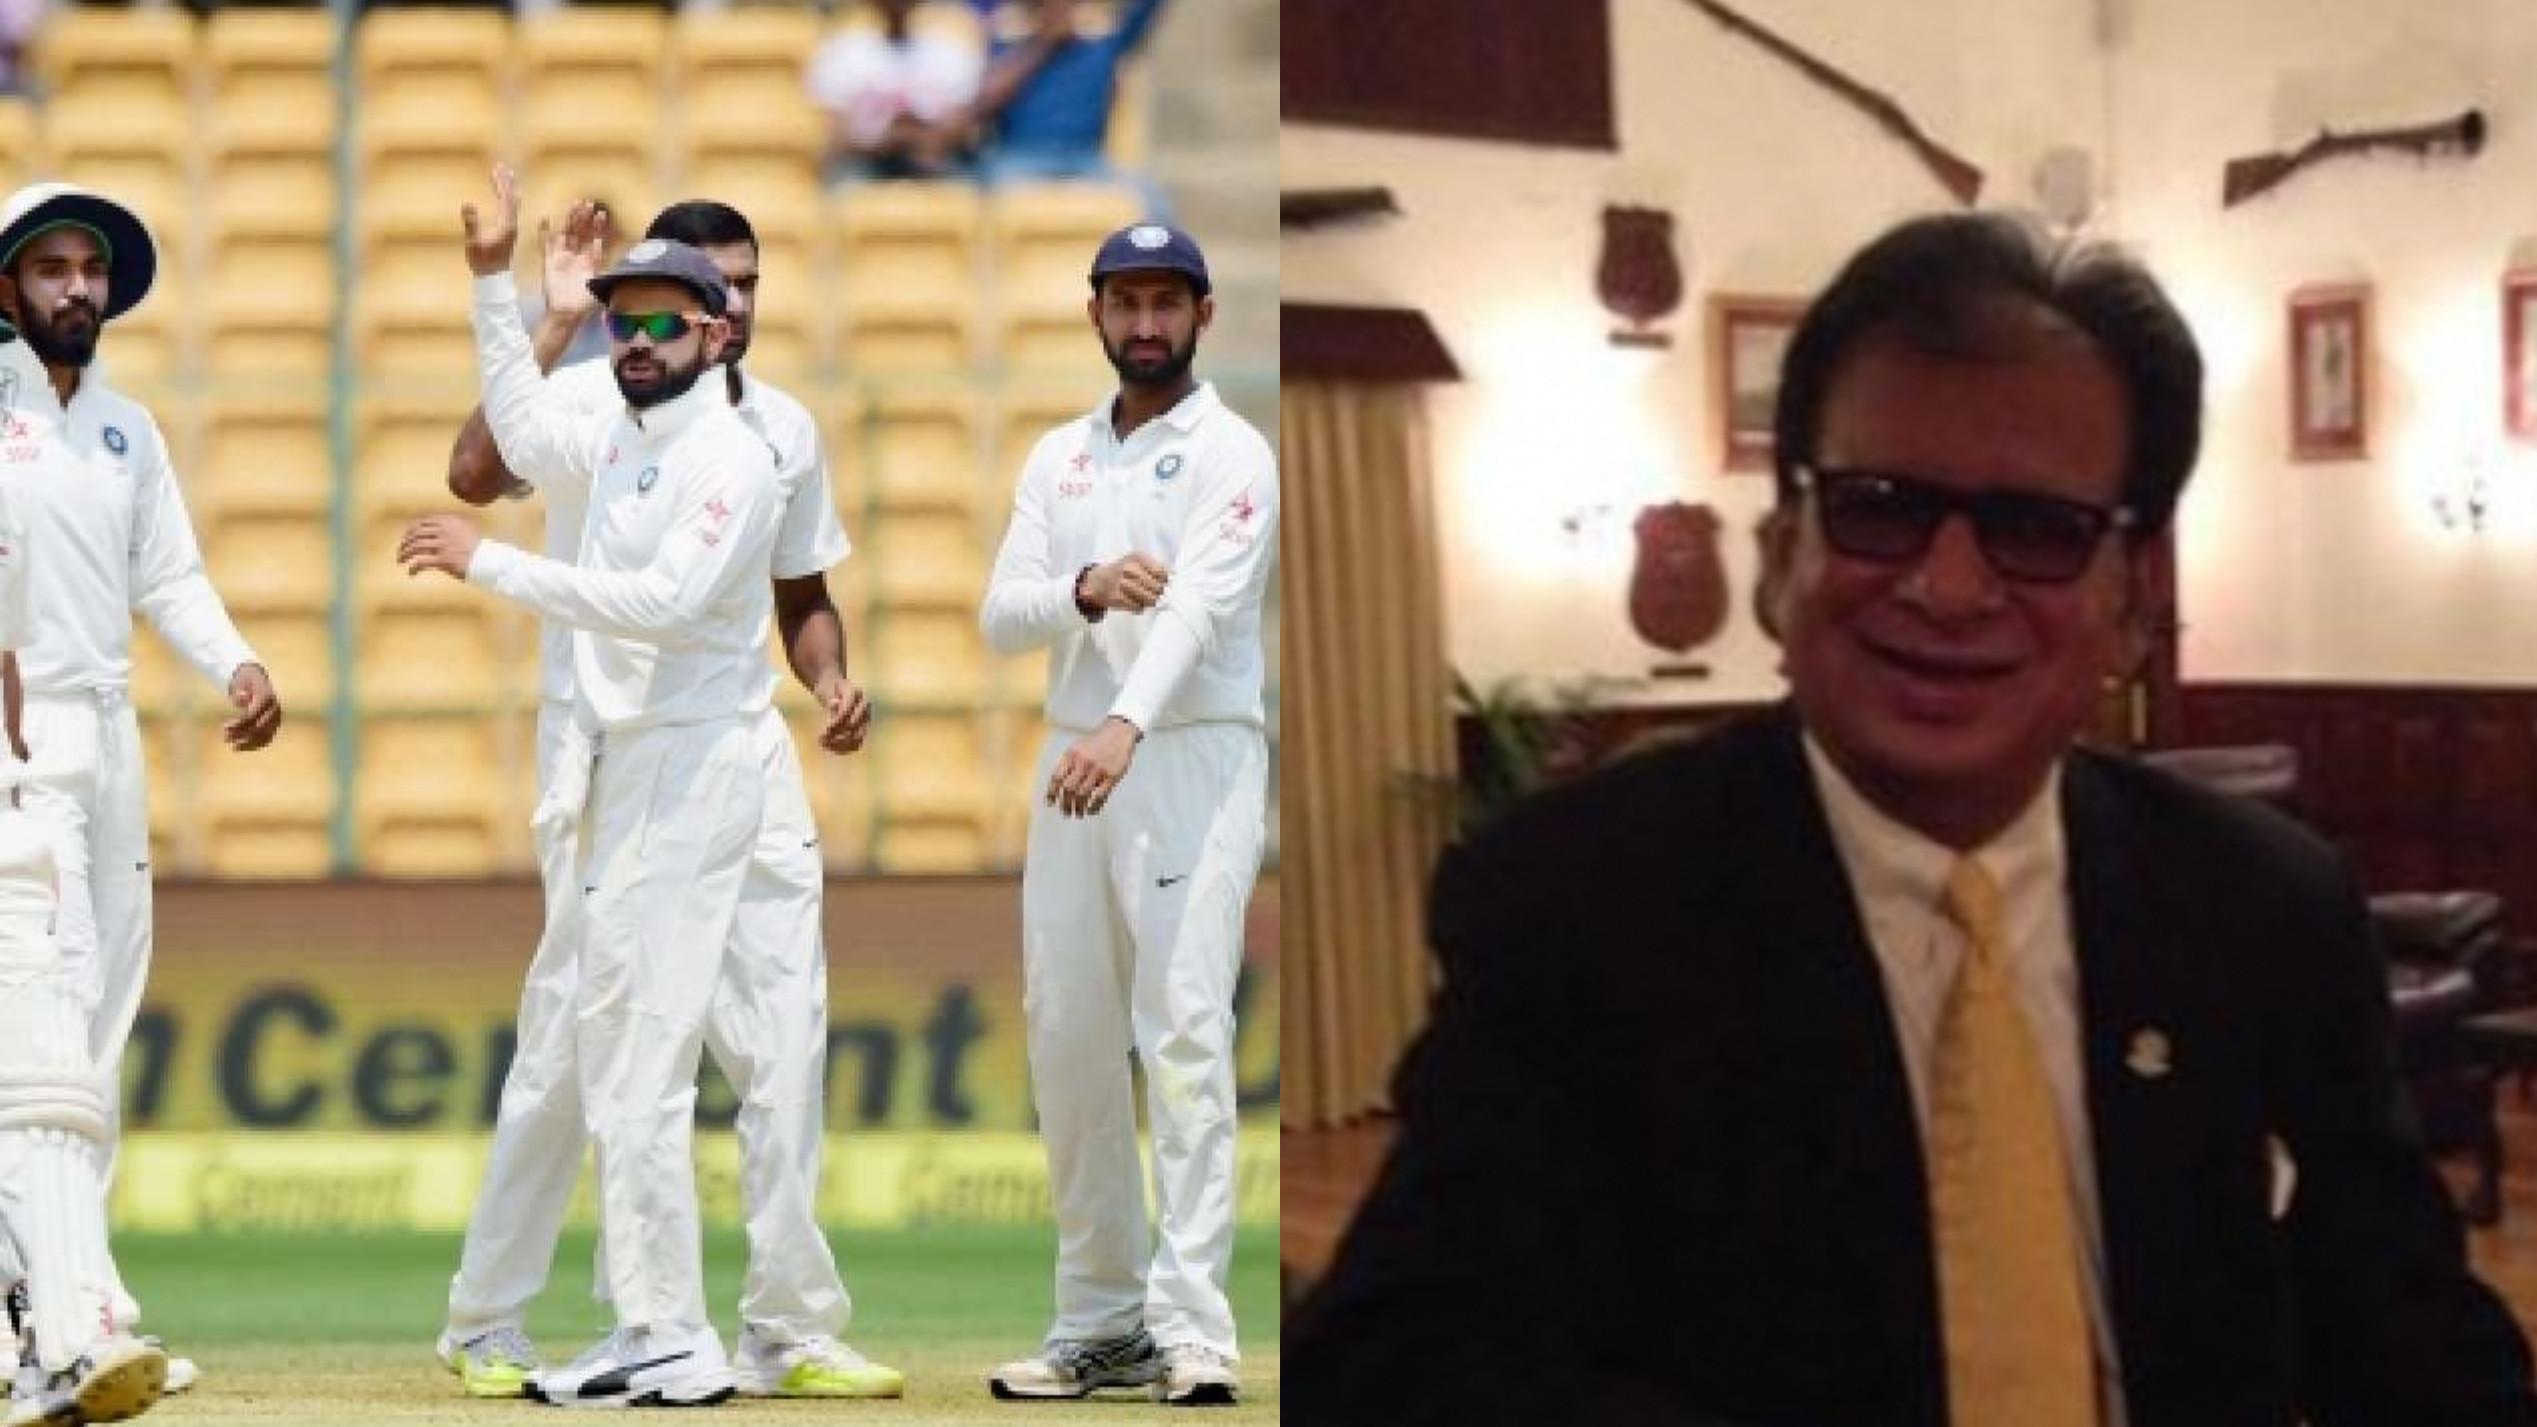 AUS v IND 2018-19 : करसन घावरी के अनुसार ऑस्ट्रेलिया करेगा जबरदस्त वापसी, लेकिन भारत भी रहेगा डटा